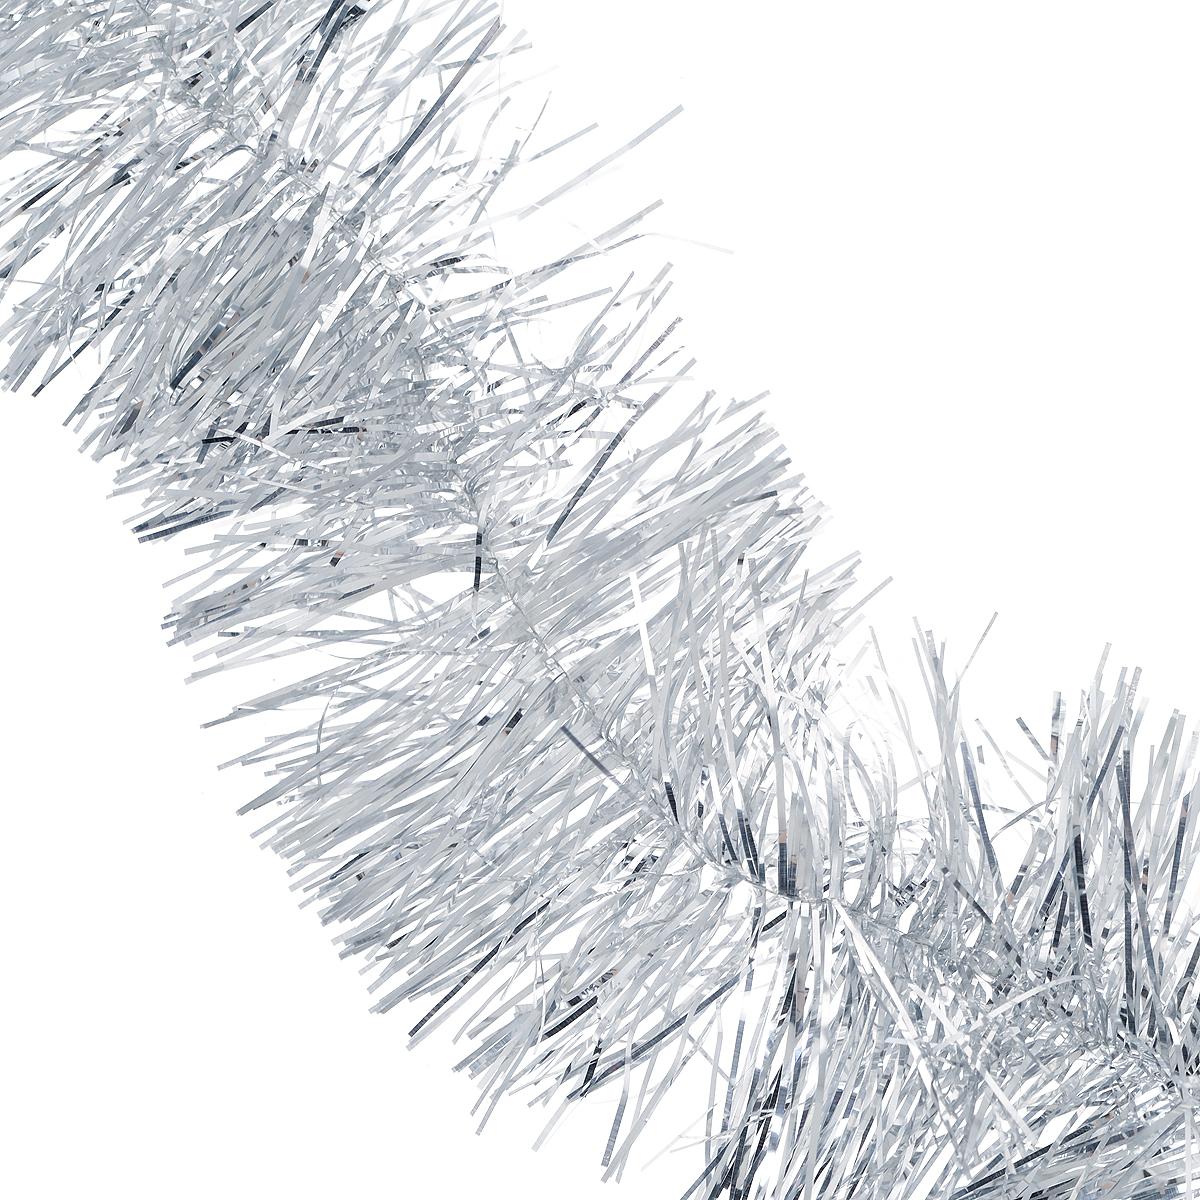 Мишура новогодняя Magic Time, диаметр 12 см, длина 2 м, цвет: серебристый. 3488134881/75757Новогодняя мишура Magic Time, выполненная из ПЭТ, поможет вам украсить свой дом к предстоящим праздникам. А новогодняя елка с таким украшением станет еще наряднее. Мишура армирована, то есть имеет проволоку внутри и способна сохранять приданную ей форму. Новогодней мишурой можно украсить все, что угодно - елку, квартиру, дачу, офис - как внутри, так и снаружи. Можно сложить новогодние поздравления, буквы и цифры, мишурой можно украсить и дополнить гирлянды, можно выделить дверные колонны, оплести дверные проемы. Коллекция декоративных украшений из серии Magic Time принесет в ваш дом ни с чем несравнимое ощущение праздника! Создайте в своем доме атмосферу тепла, веселья и радости, украшая его всей семьей.Длина: 2 м.